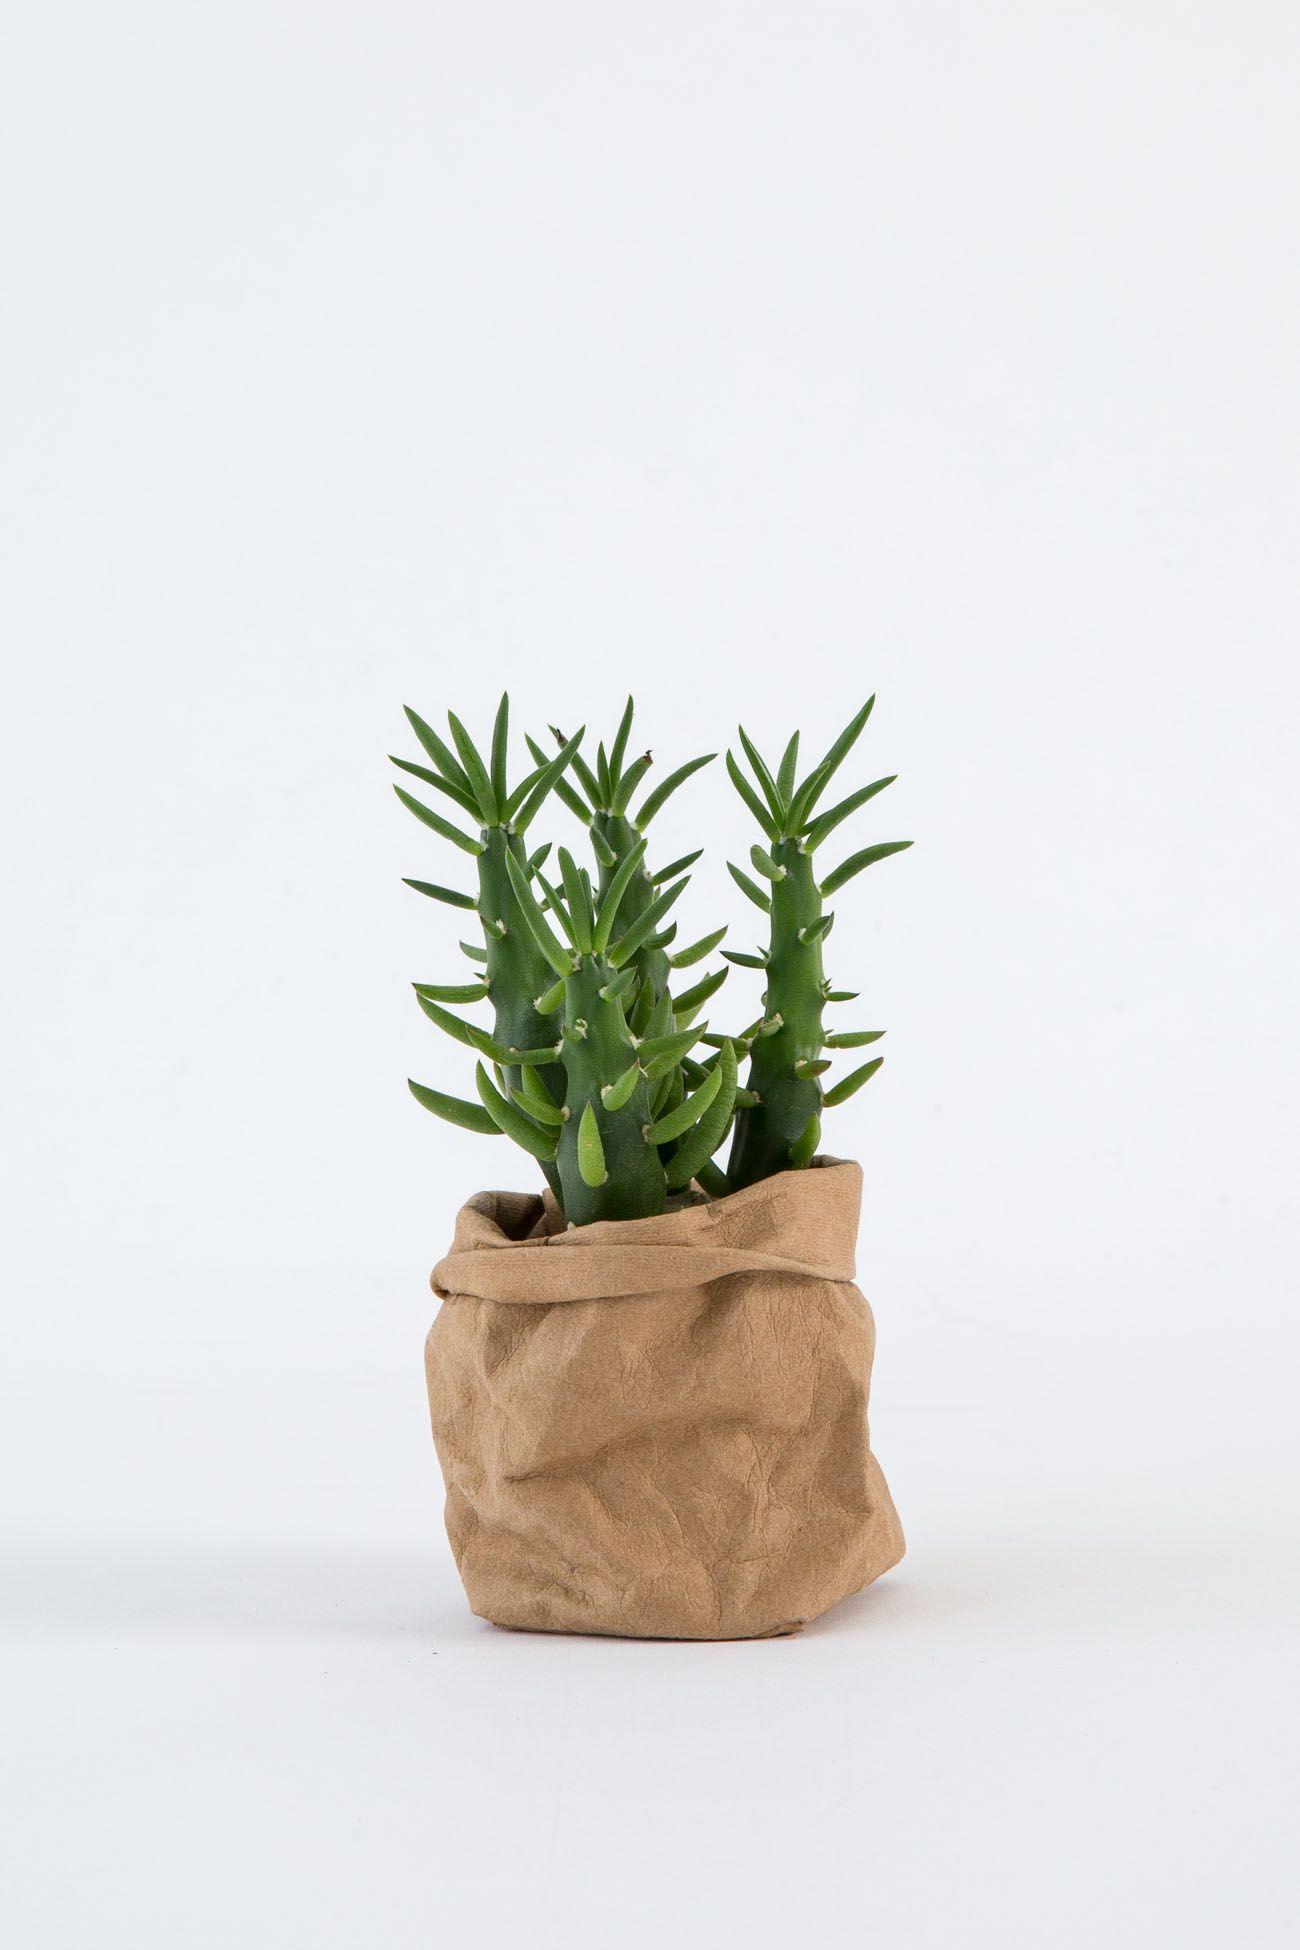 Uashmama Washable Paper Bag Brown Painted Plant Pots Terracotta